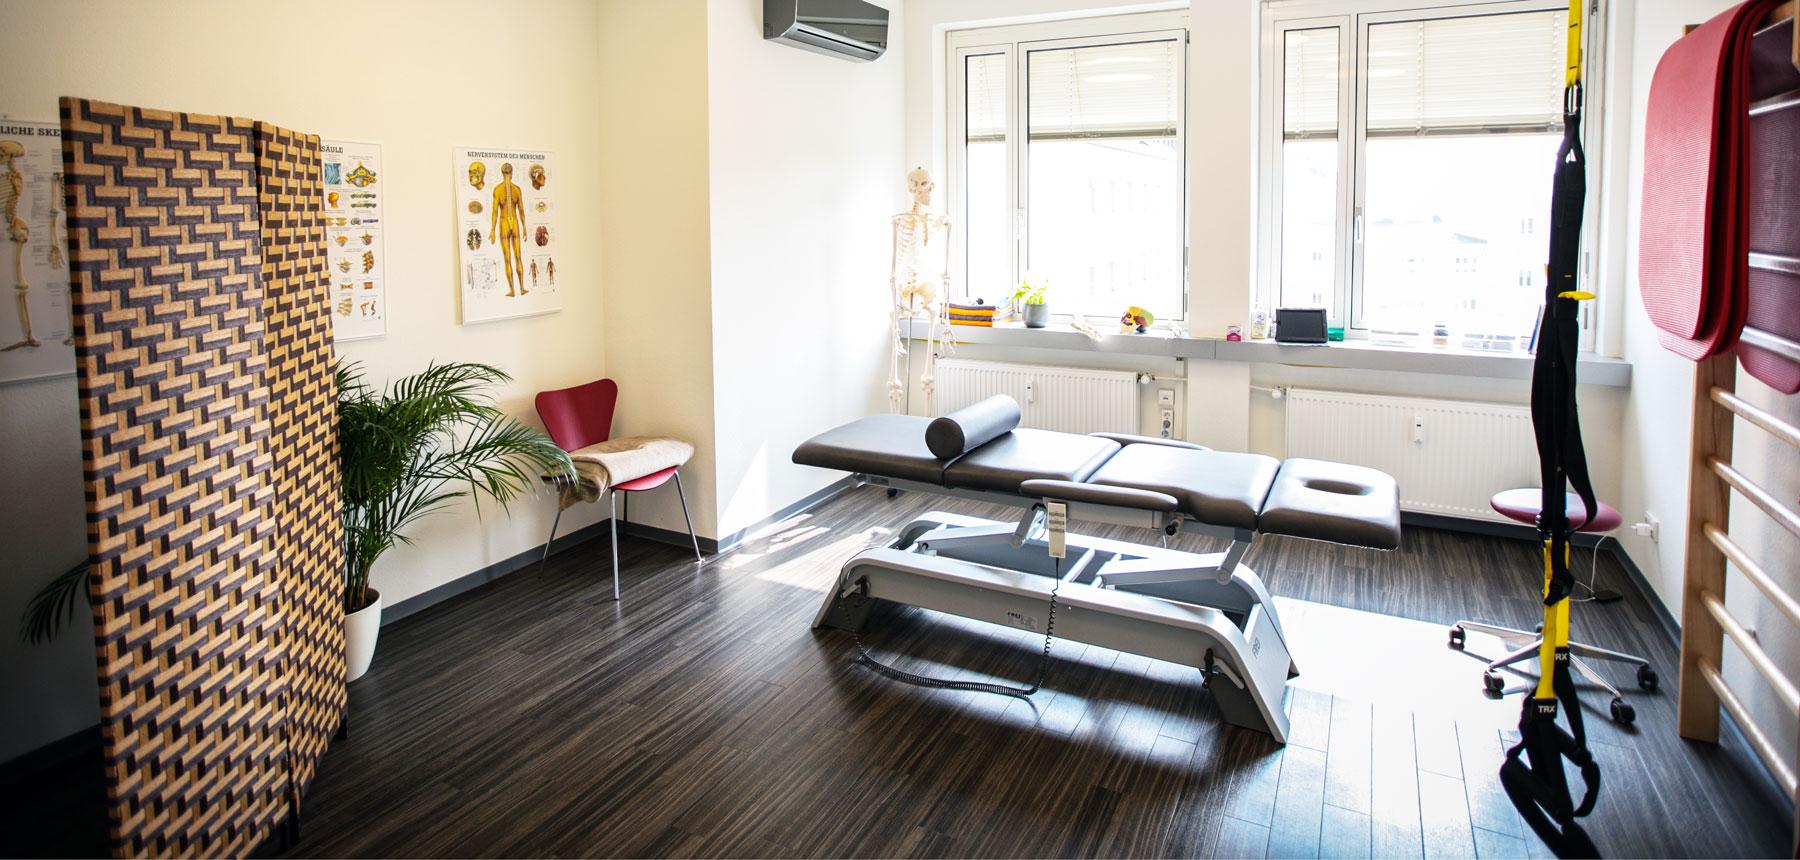 abrechnung nach geb h und geb th praxis hirschberg wiesbaden. Black Bedroom Furniture Sets. Home Design Ideas